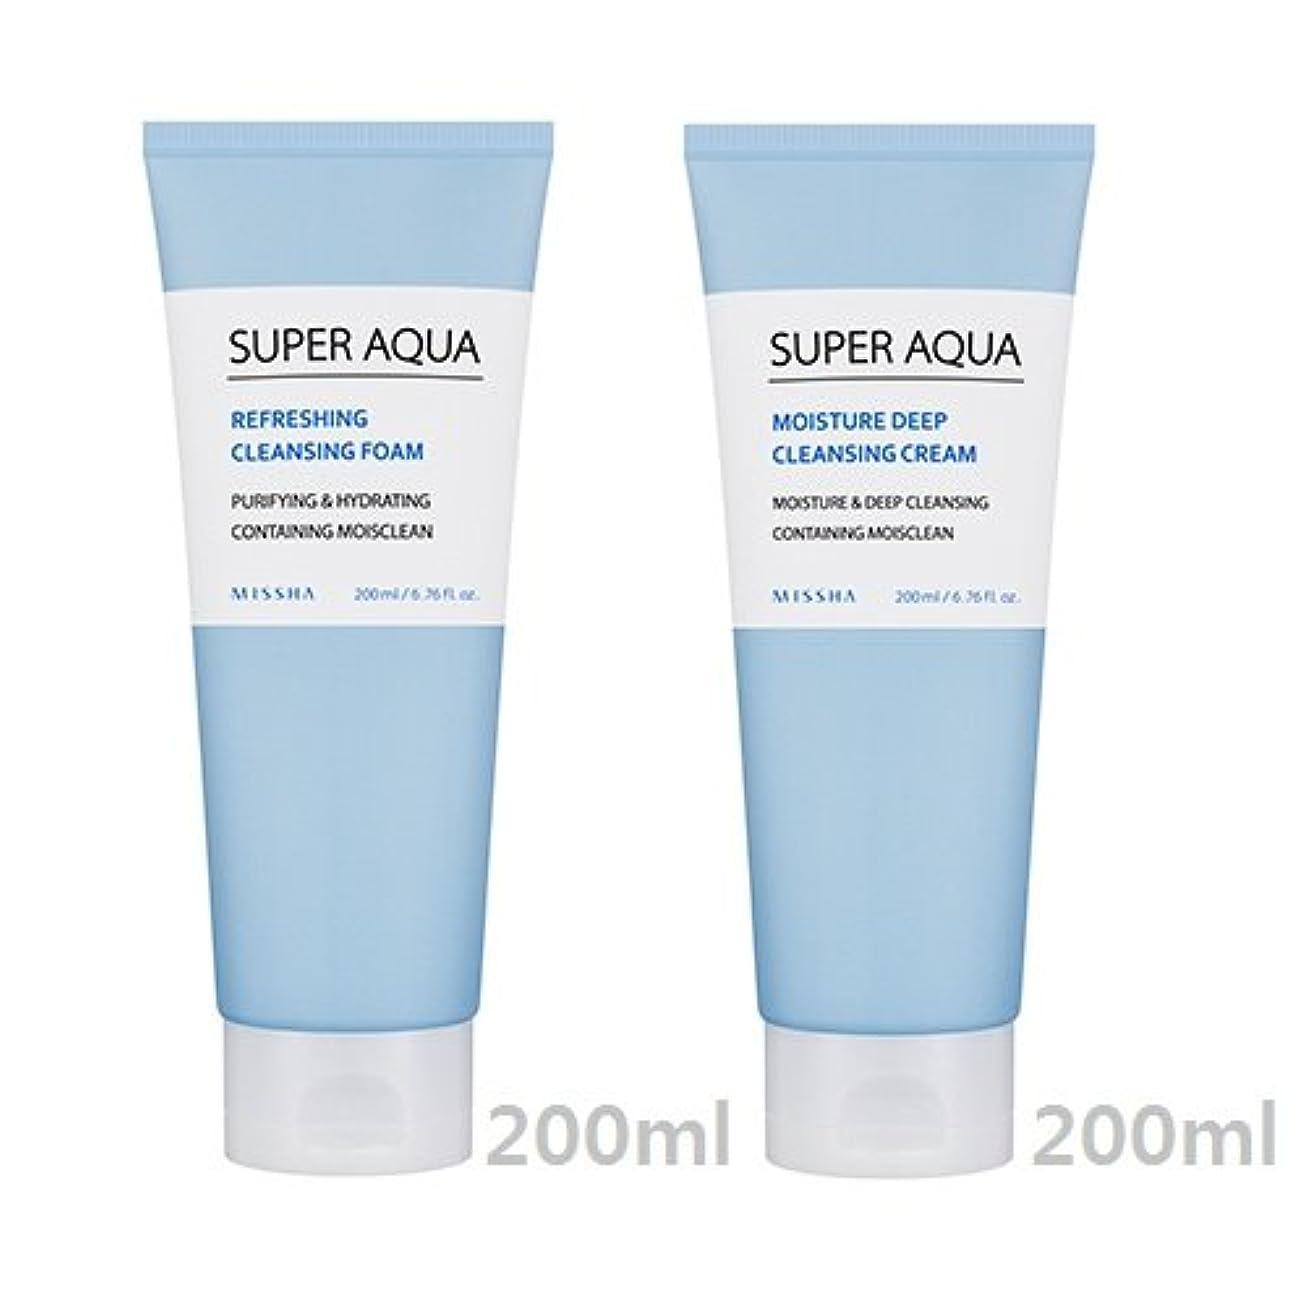 アイデア貨物細分化する[1+1] MISSHA Super Aqua Cleansing Cream + Foam/ミシャ スーパー アクア クレンジング クリーム + フォーム [並行輸入品]